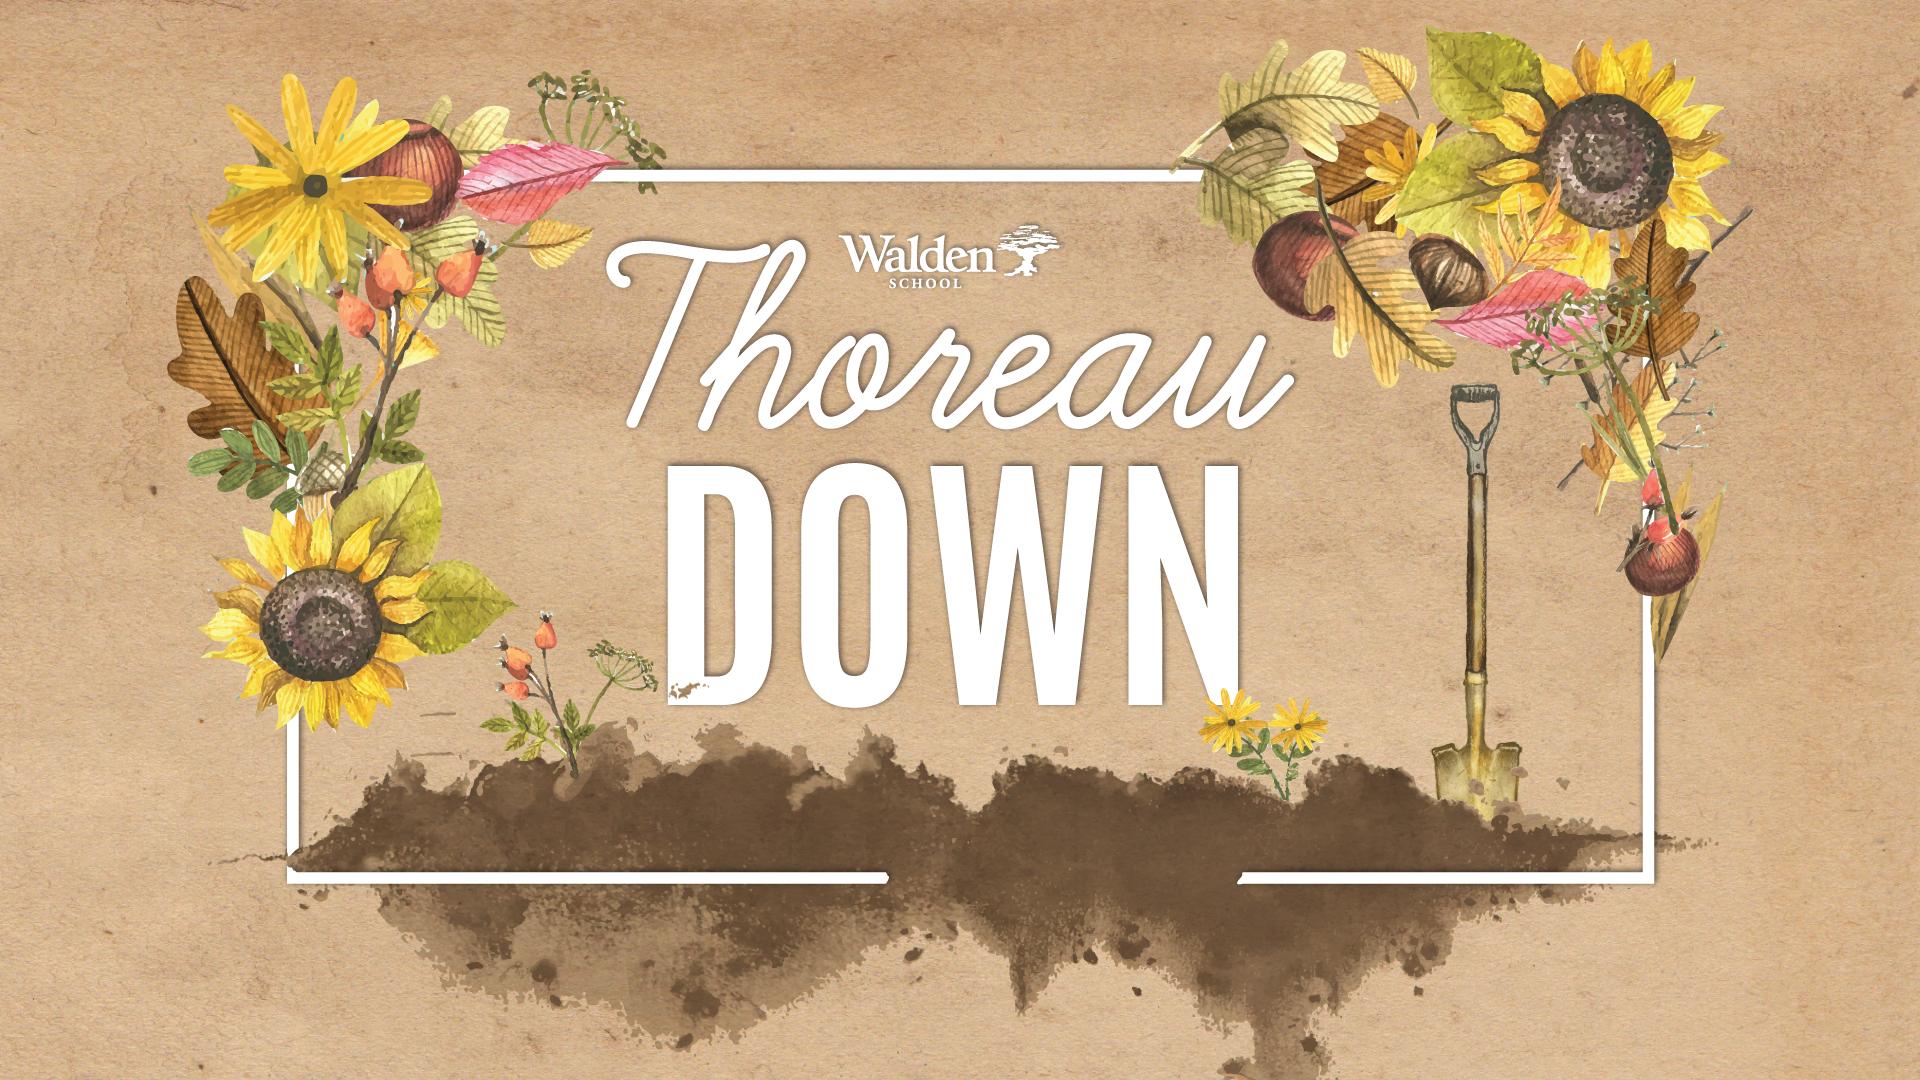 thoreau-down_square-web-image.jpg